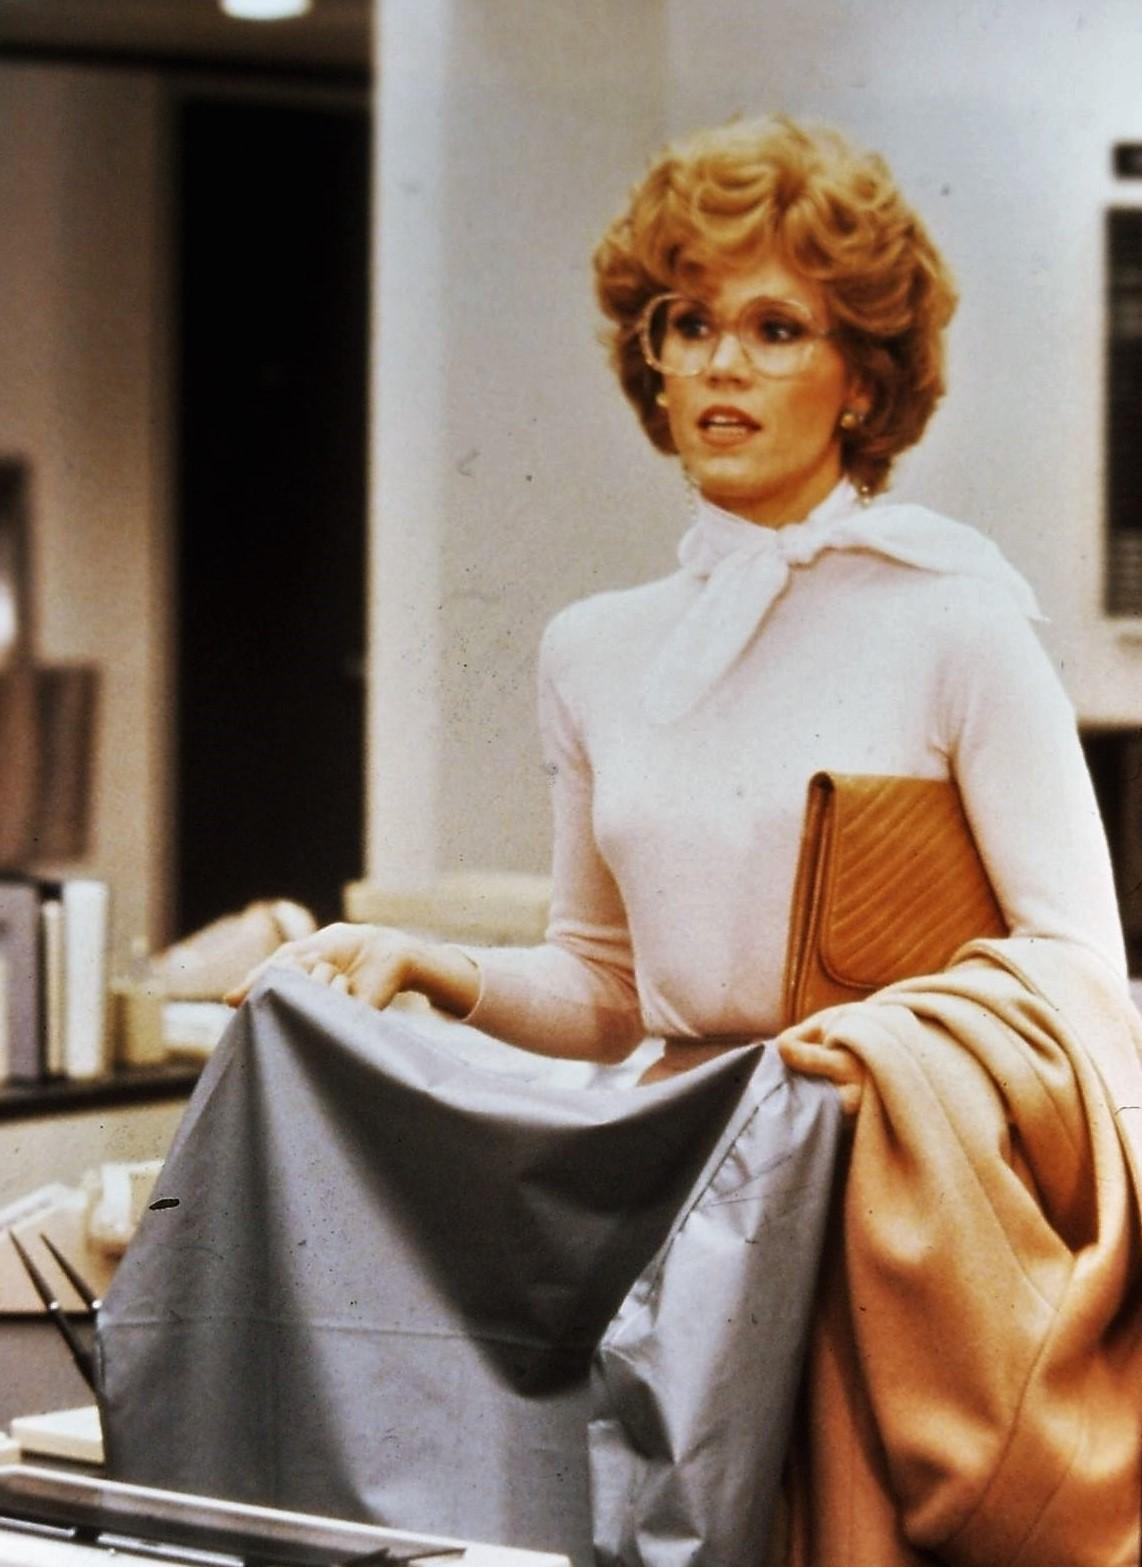 Jane Fonda in Nine to Five (1980)